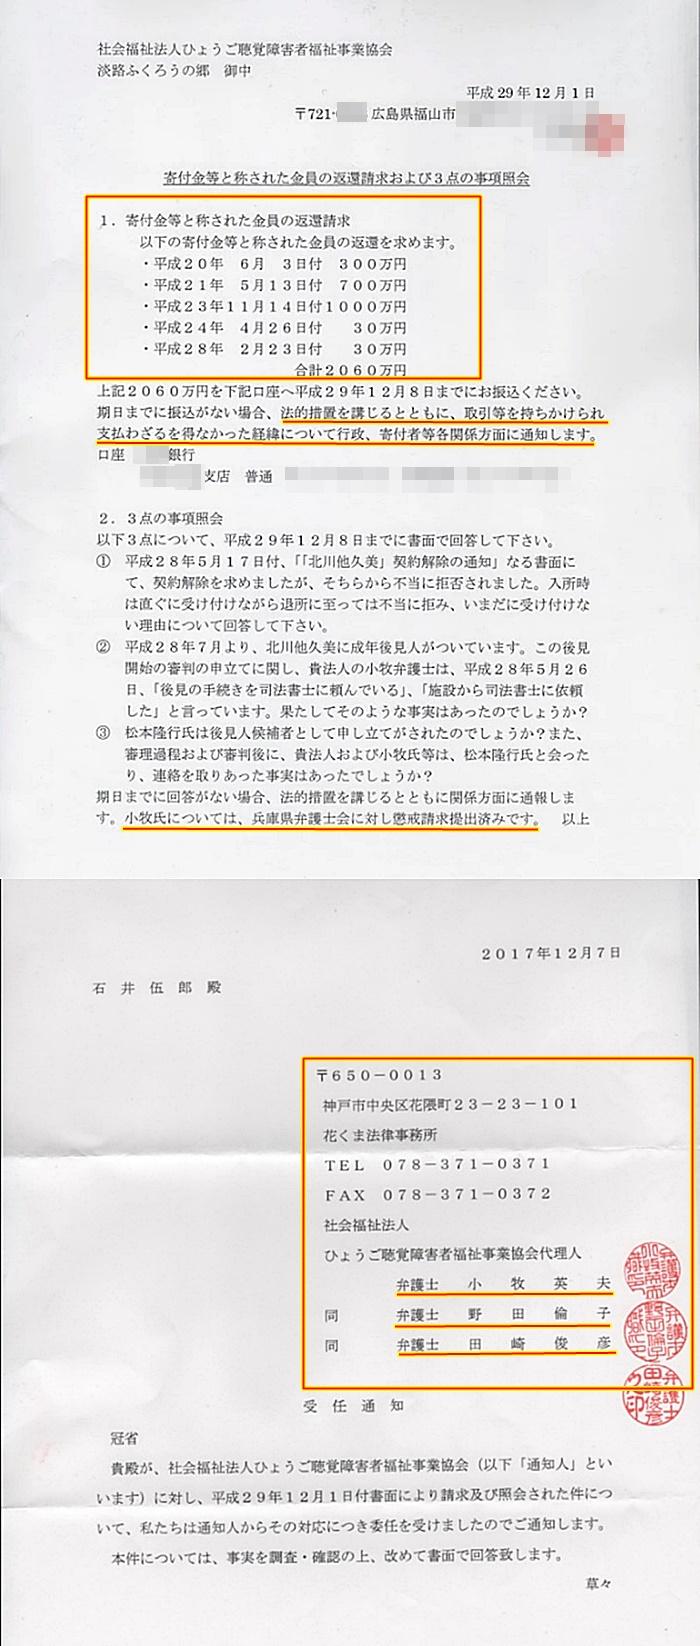 松本隆行弁護士 みなと元町法律事務所 北川他久美 淡路ふくろうの郷 2